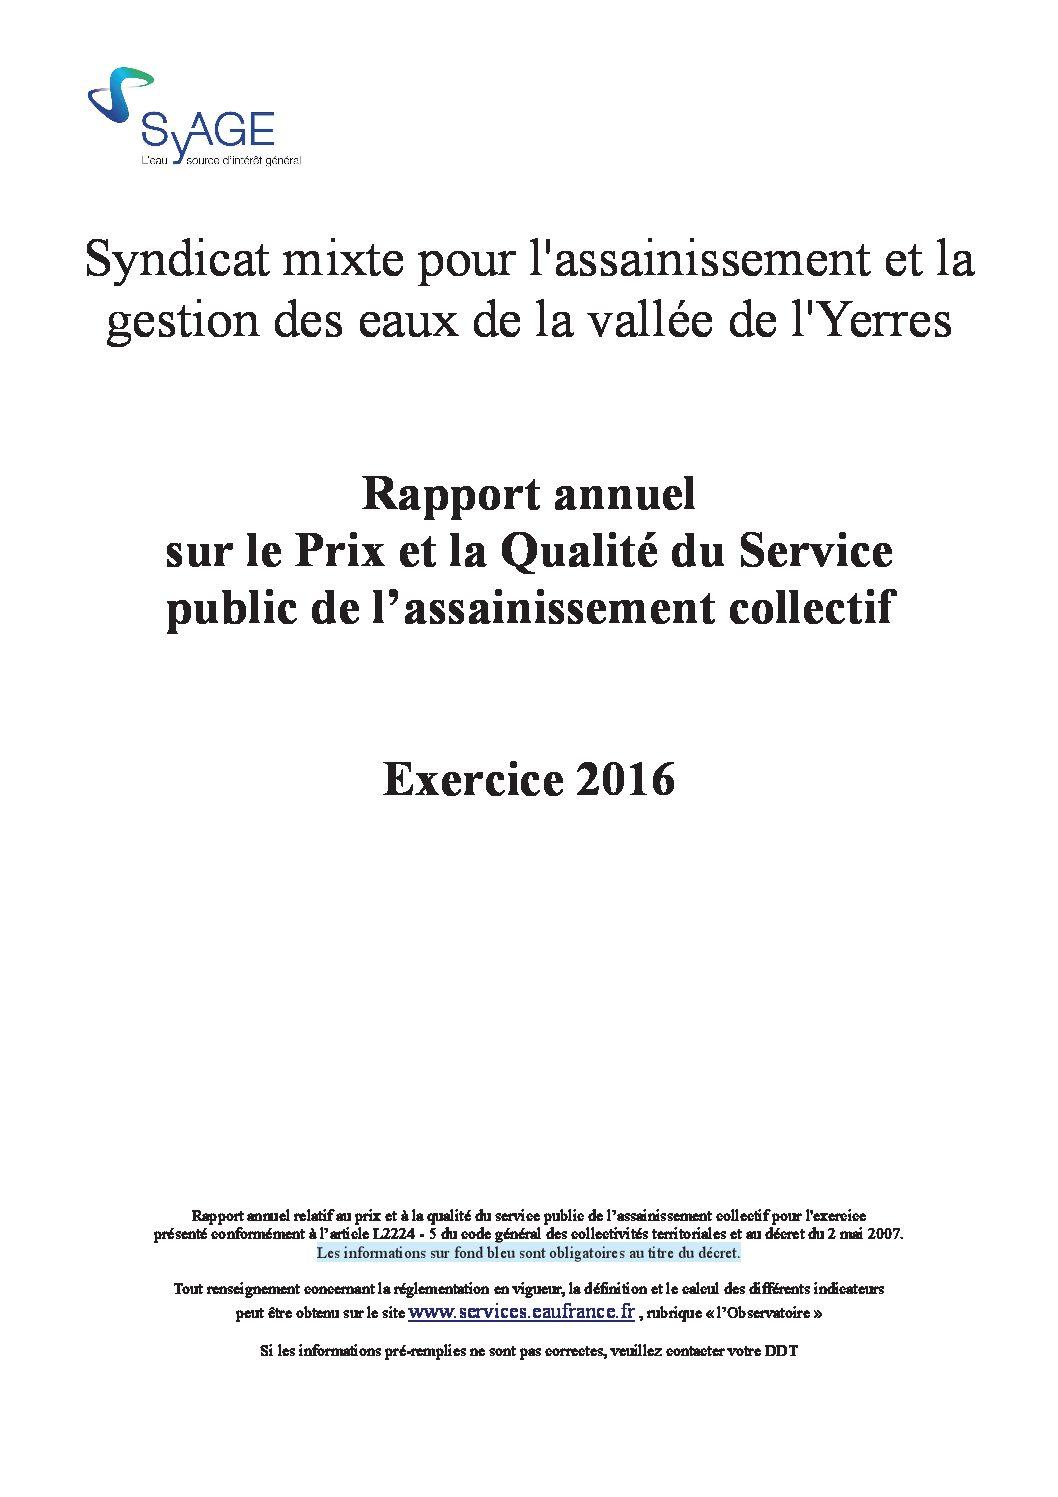 Prix et qualité du service public de l'assainissement collectif en 2016